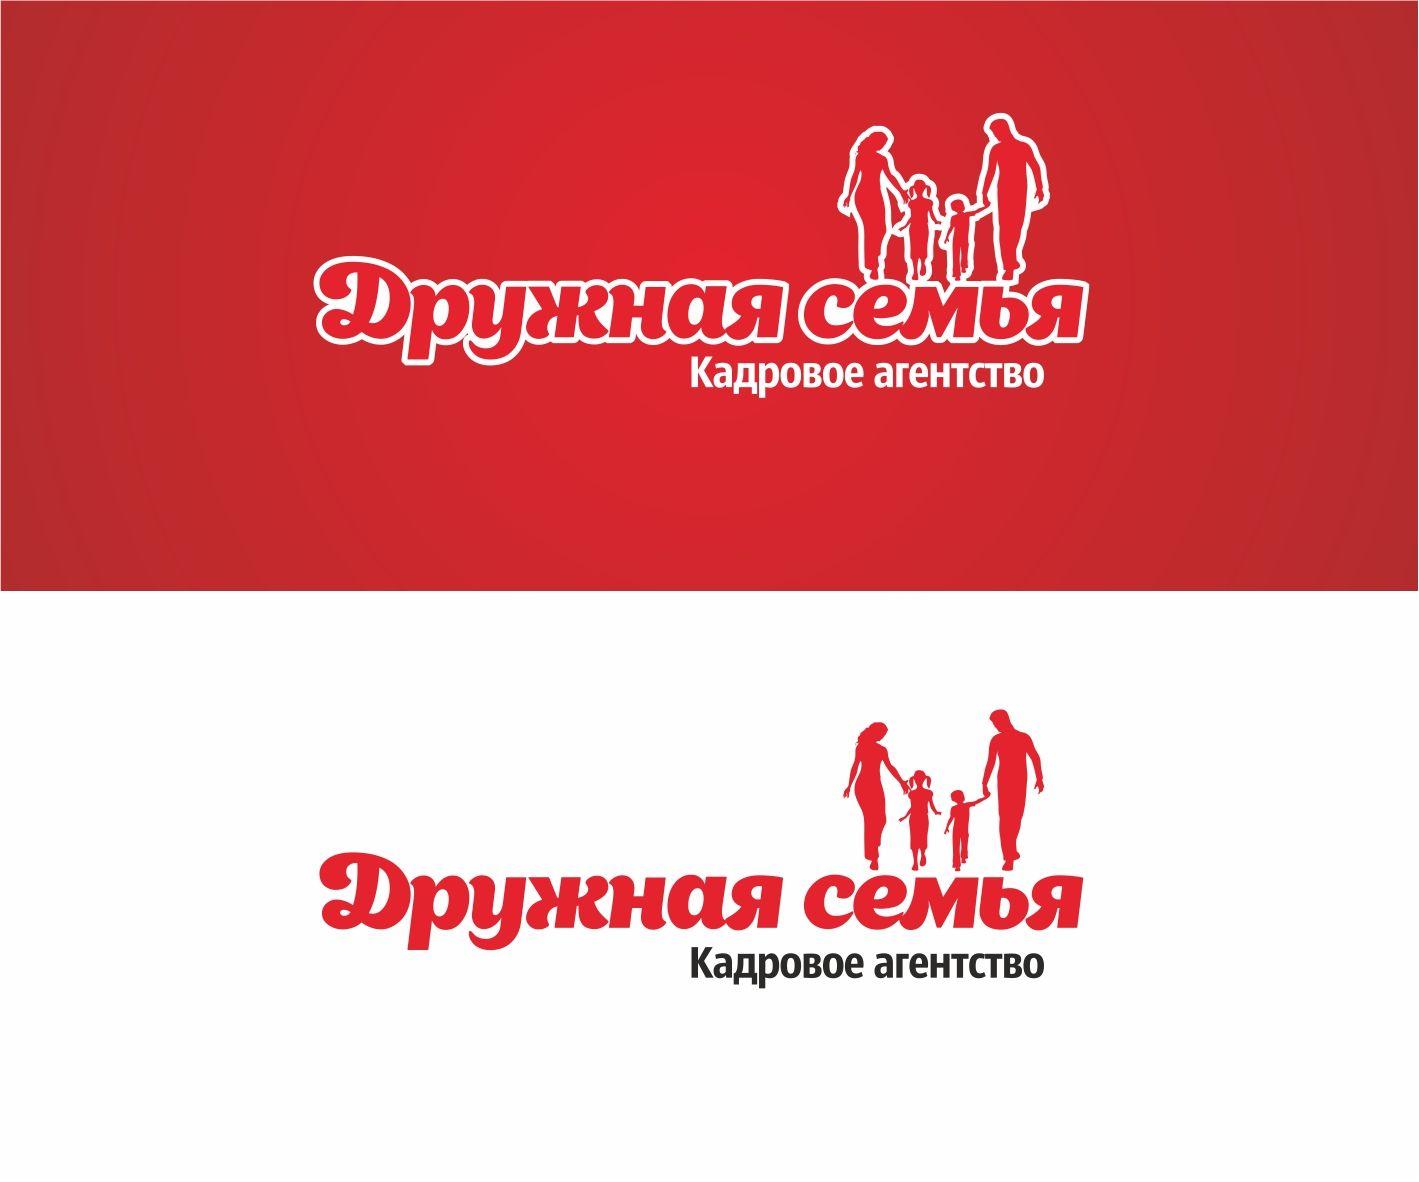 Логотип агентства домашнего персонала - дизайнер akjeres